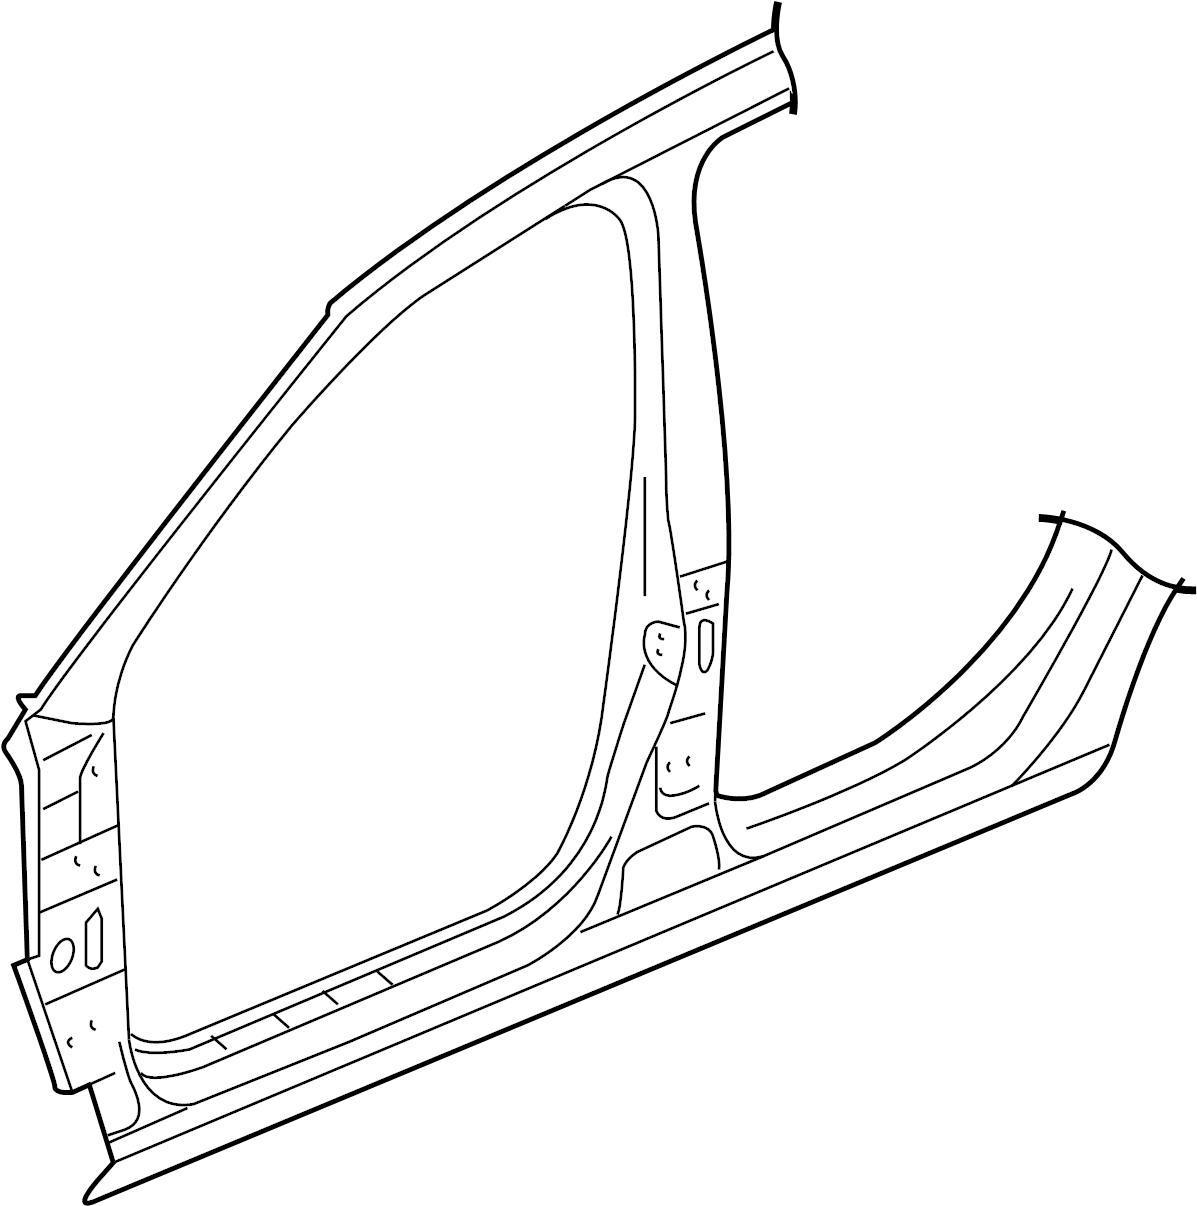 1K4809606C - Volkswagen Panel. Uniside. Aperture. Hinge pillar. Side. 4 DOOR | Emich Volkswagen ...